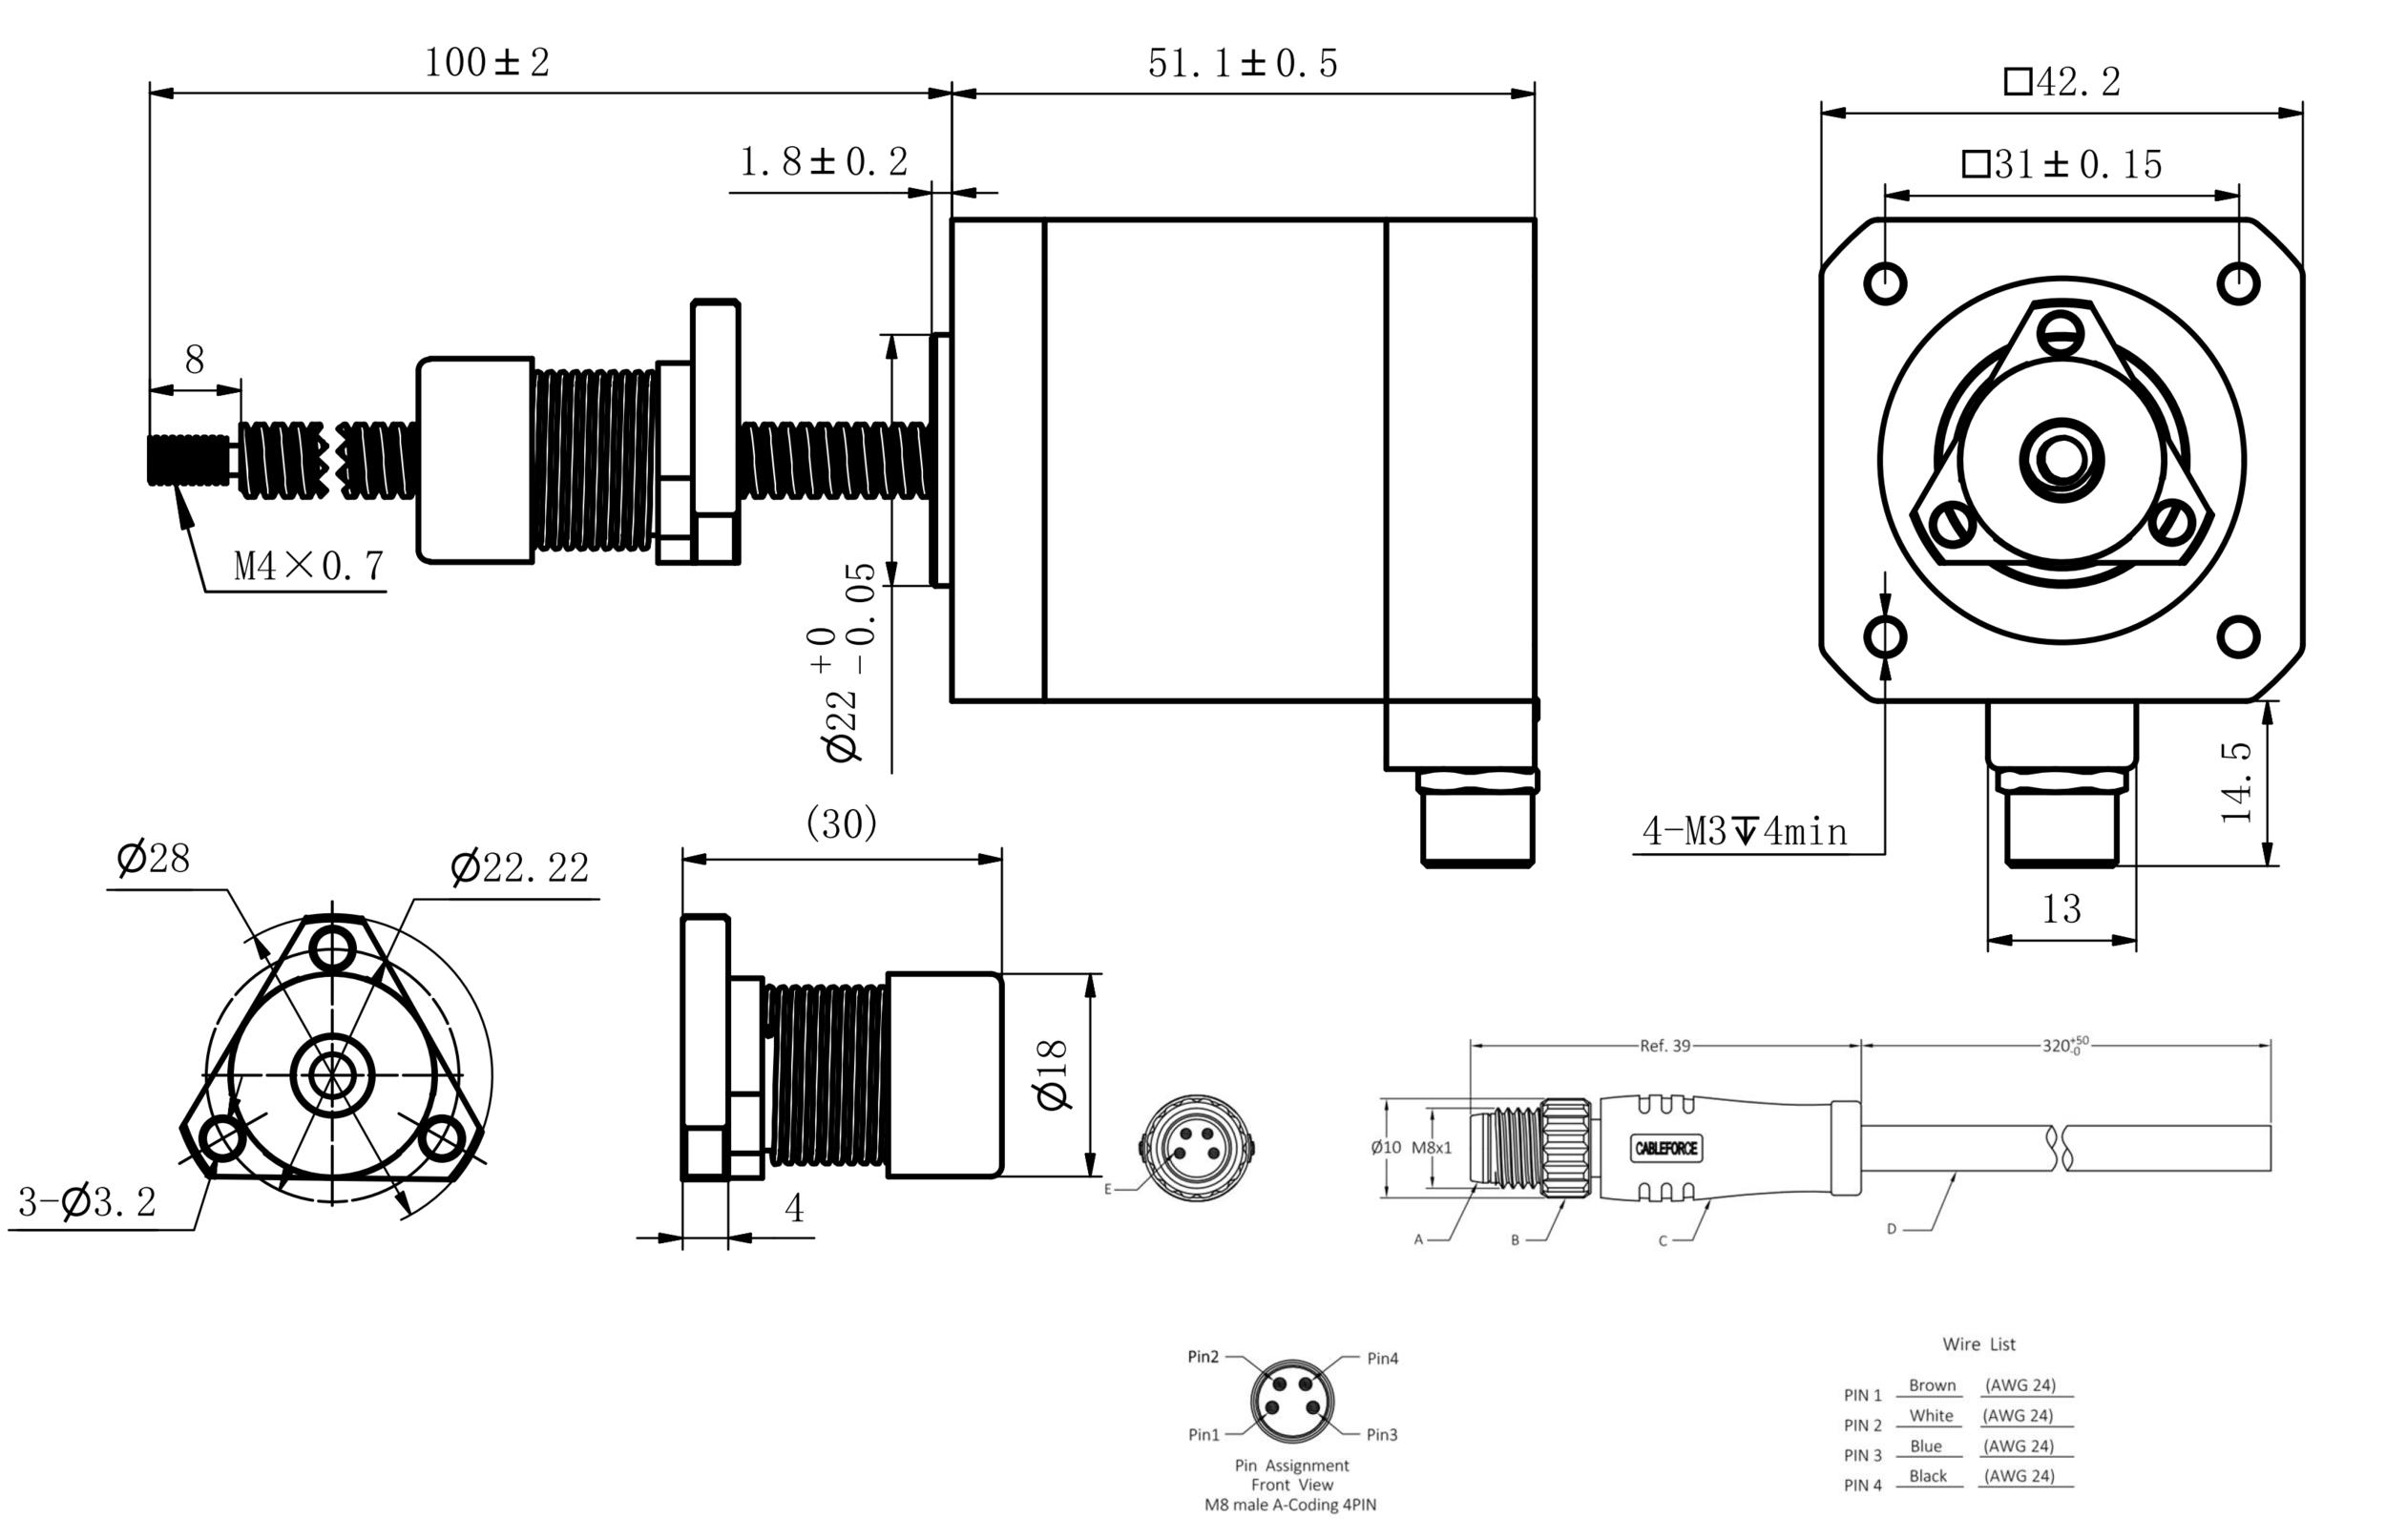 NEMA 17 IP54 External Linear Actuator Drawing